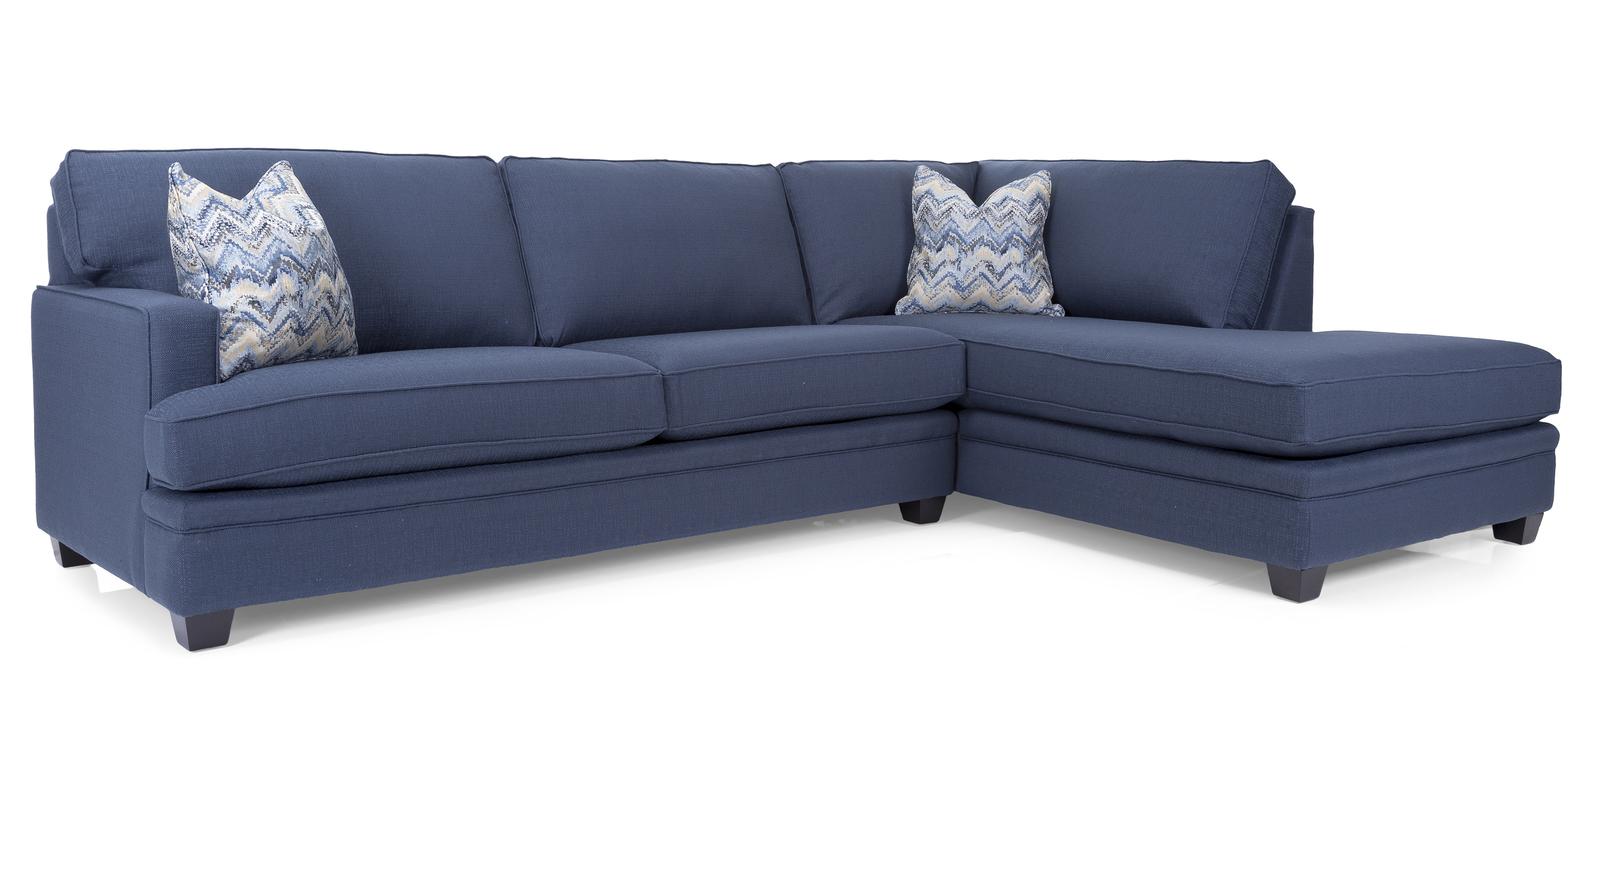 2696 Queen Sofa Bed Sleeper Sectional